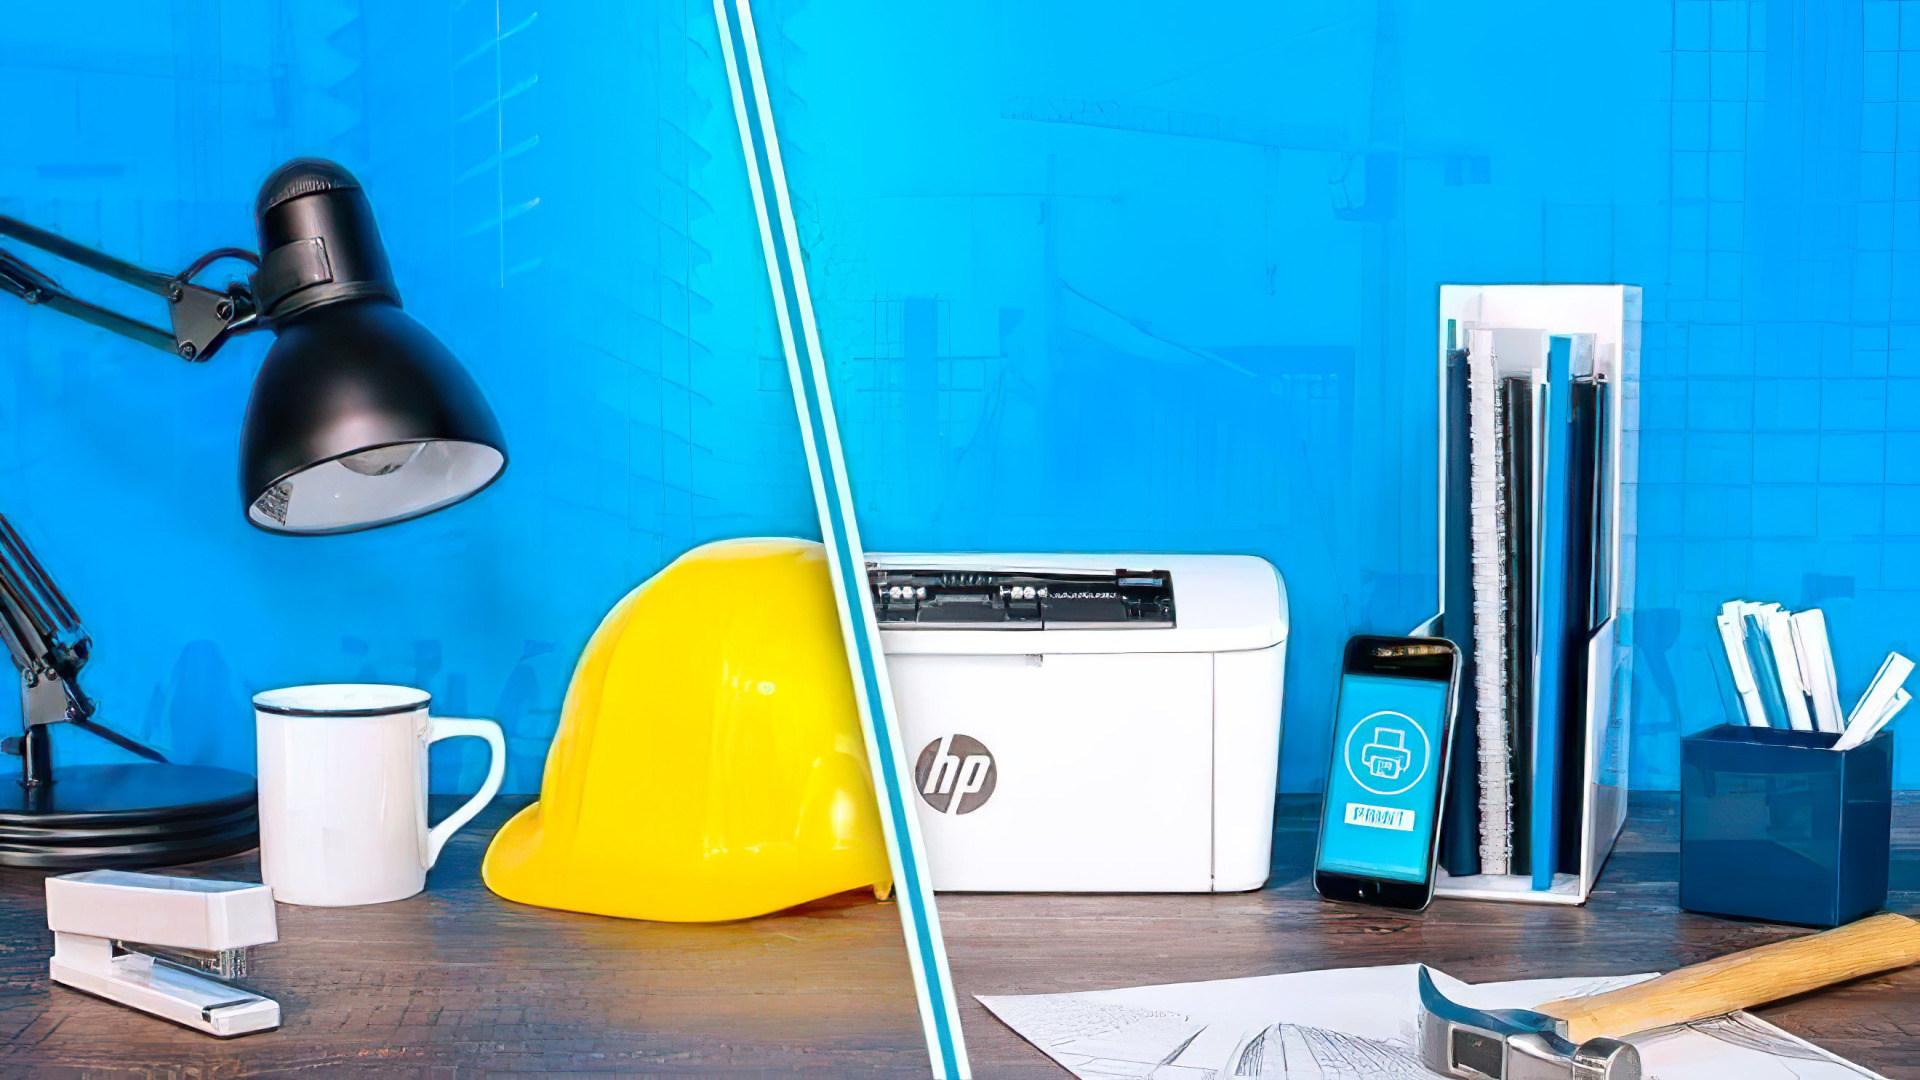 Hp, Drucker, LaserJet Pro